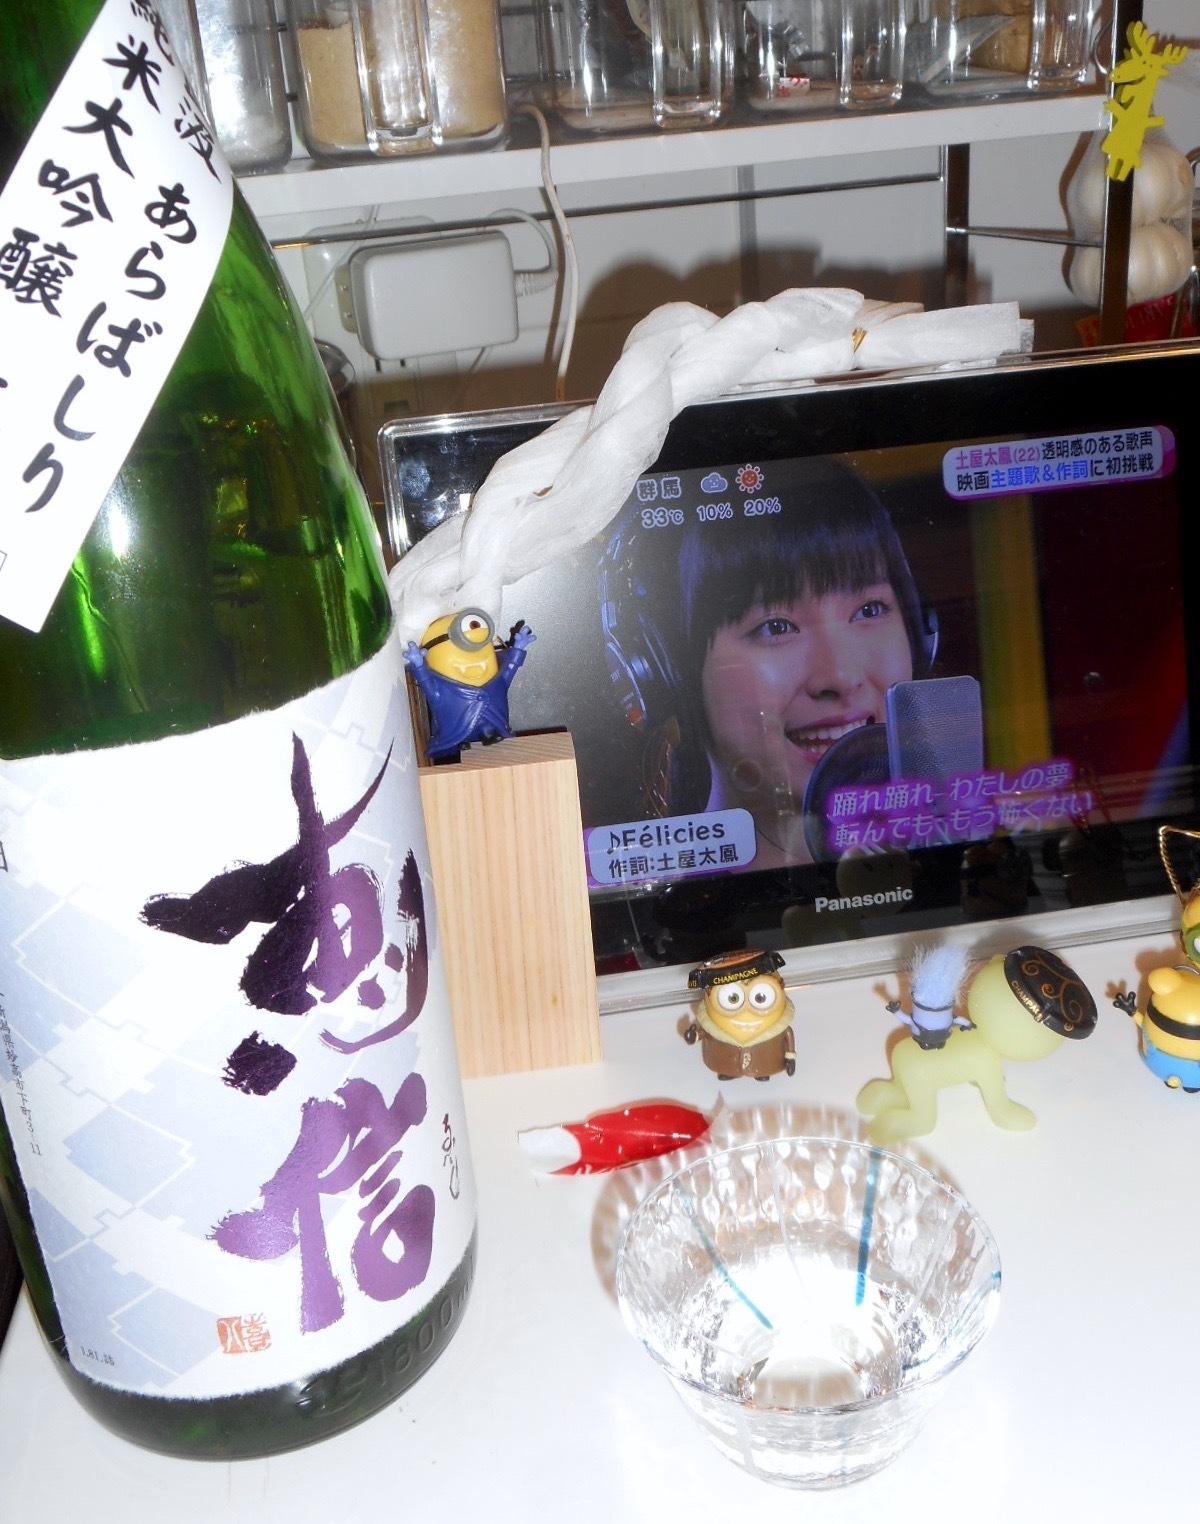 eishin_arabashiri28by18.jpg